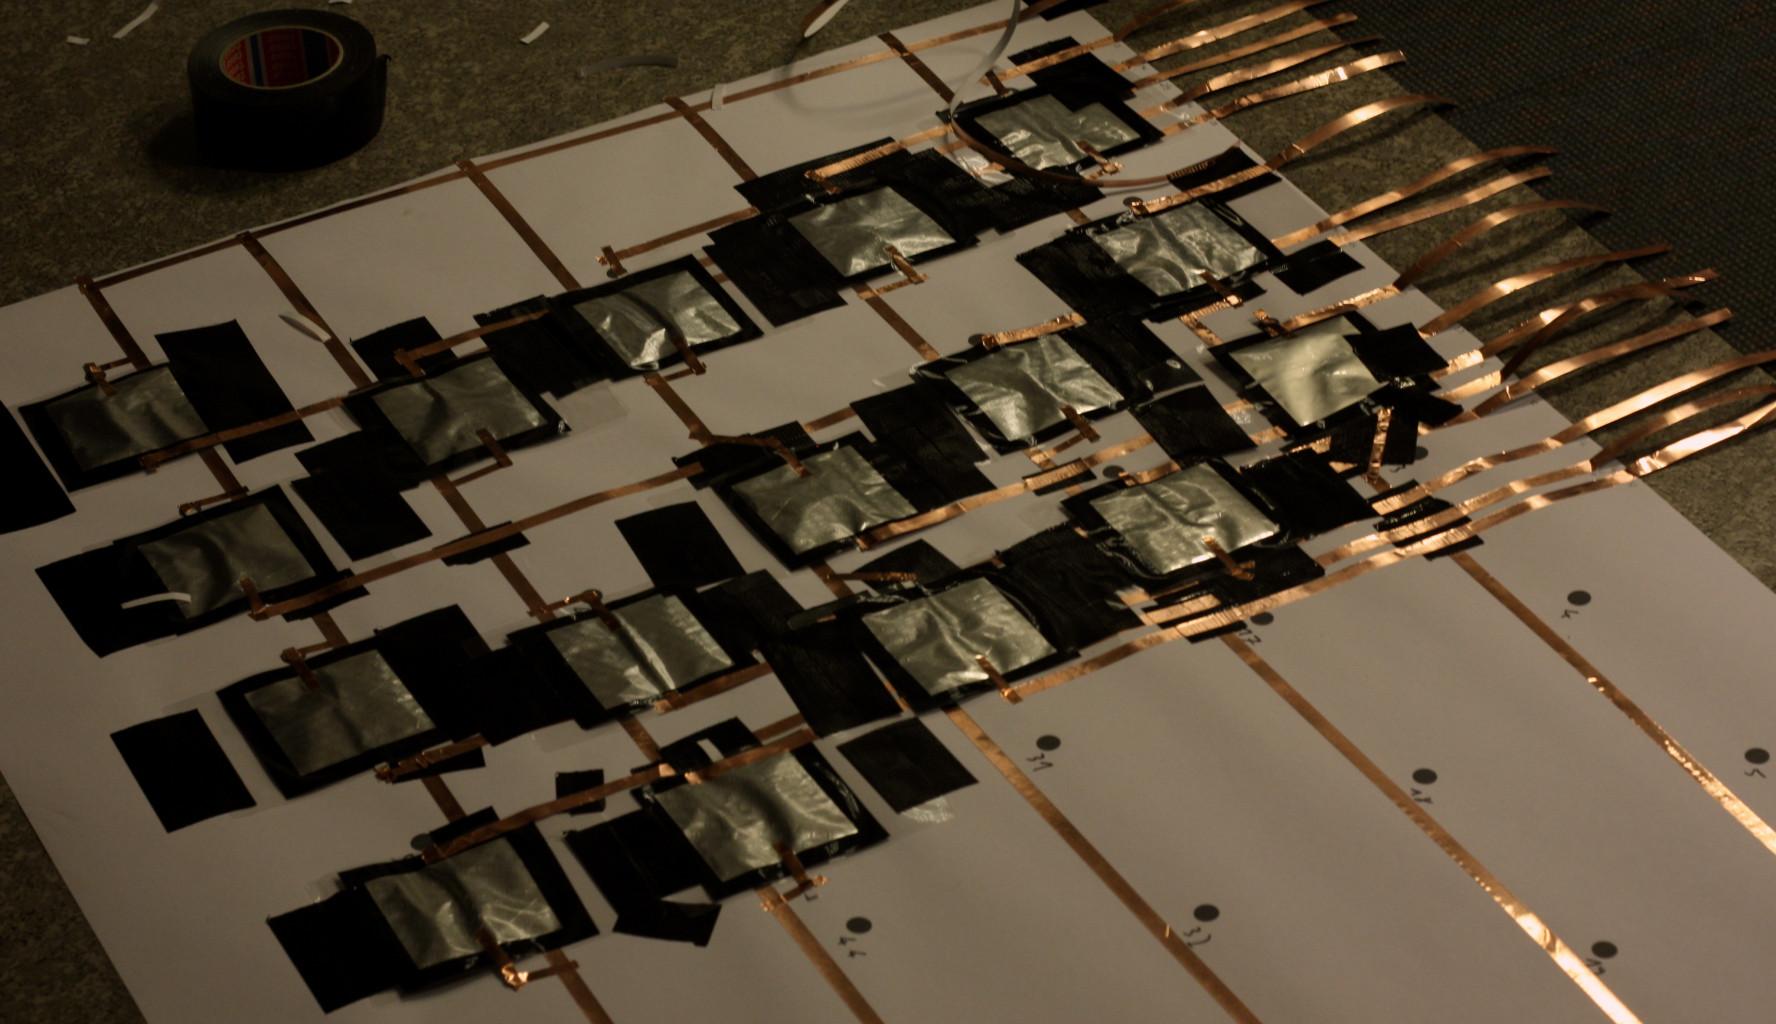 Die einzelnen taster werden auf die Positionen der Tastatur geklebt.